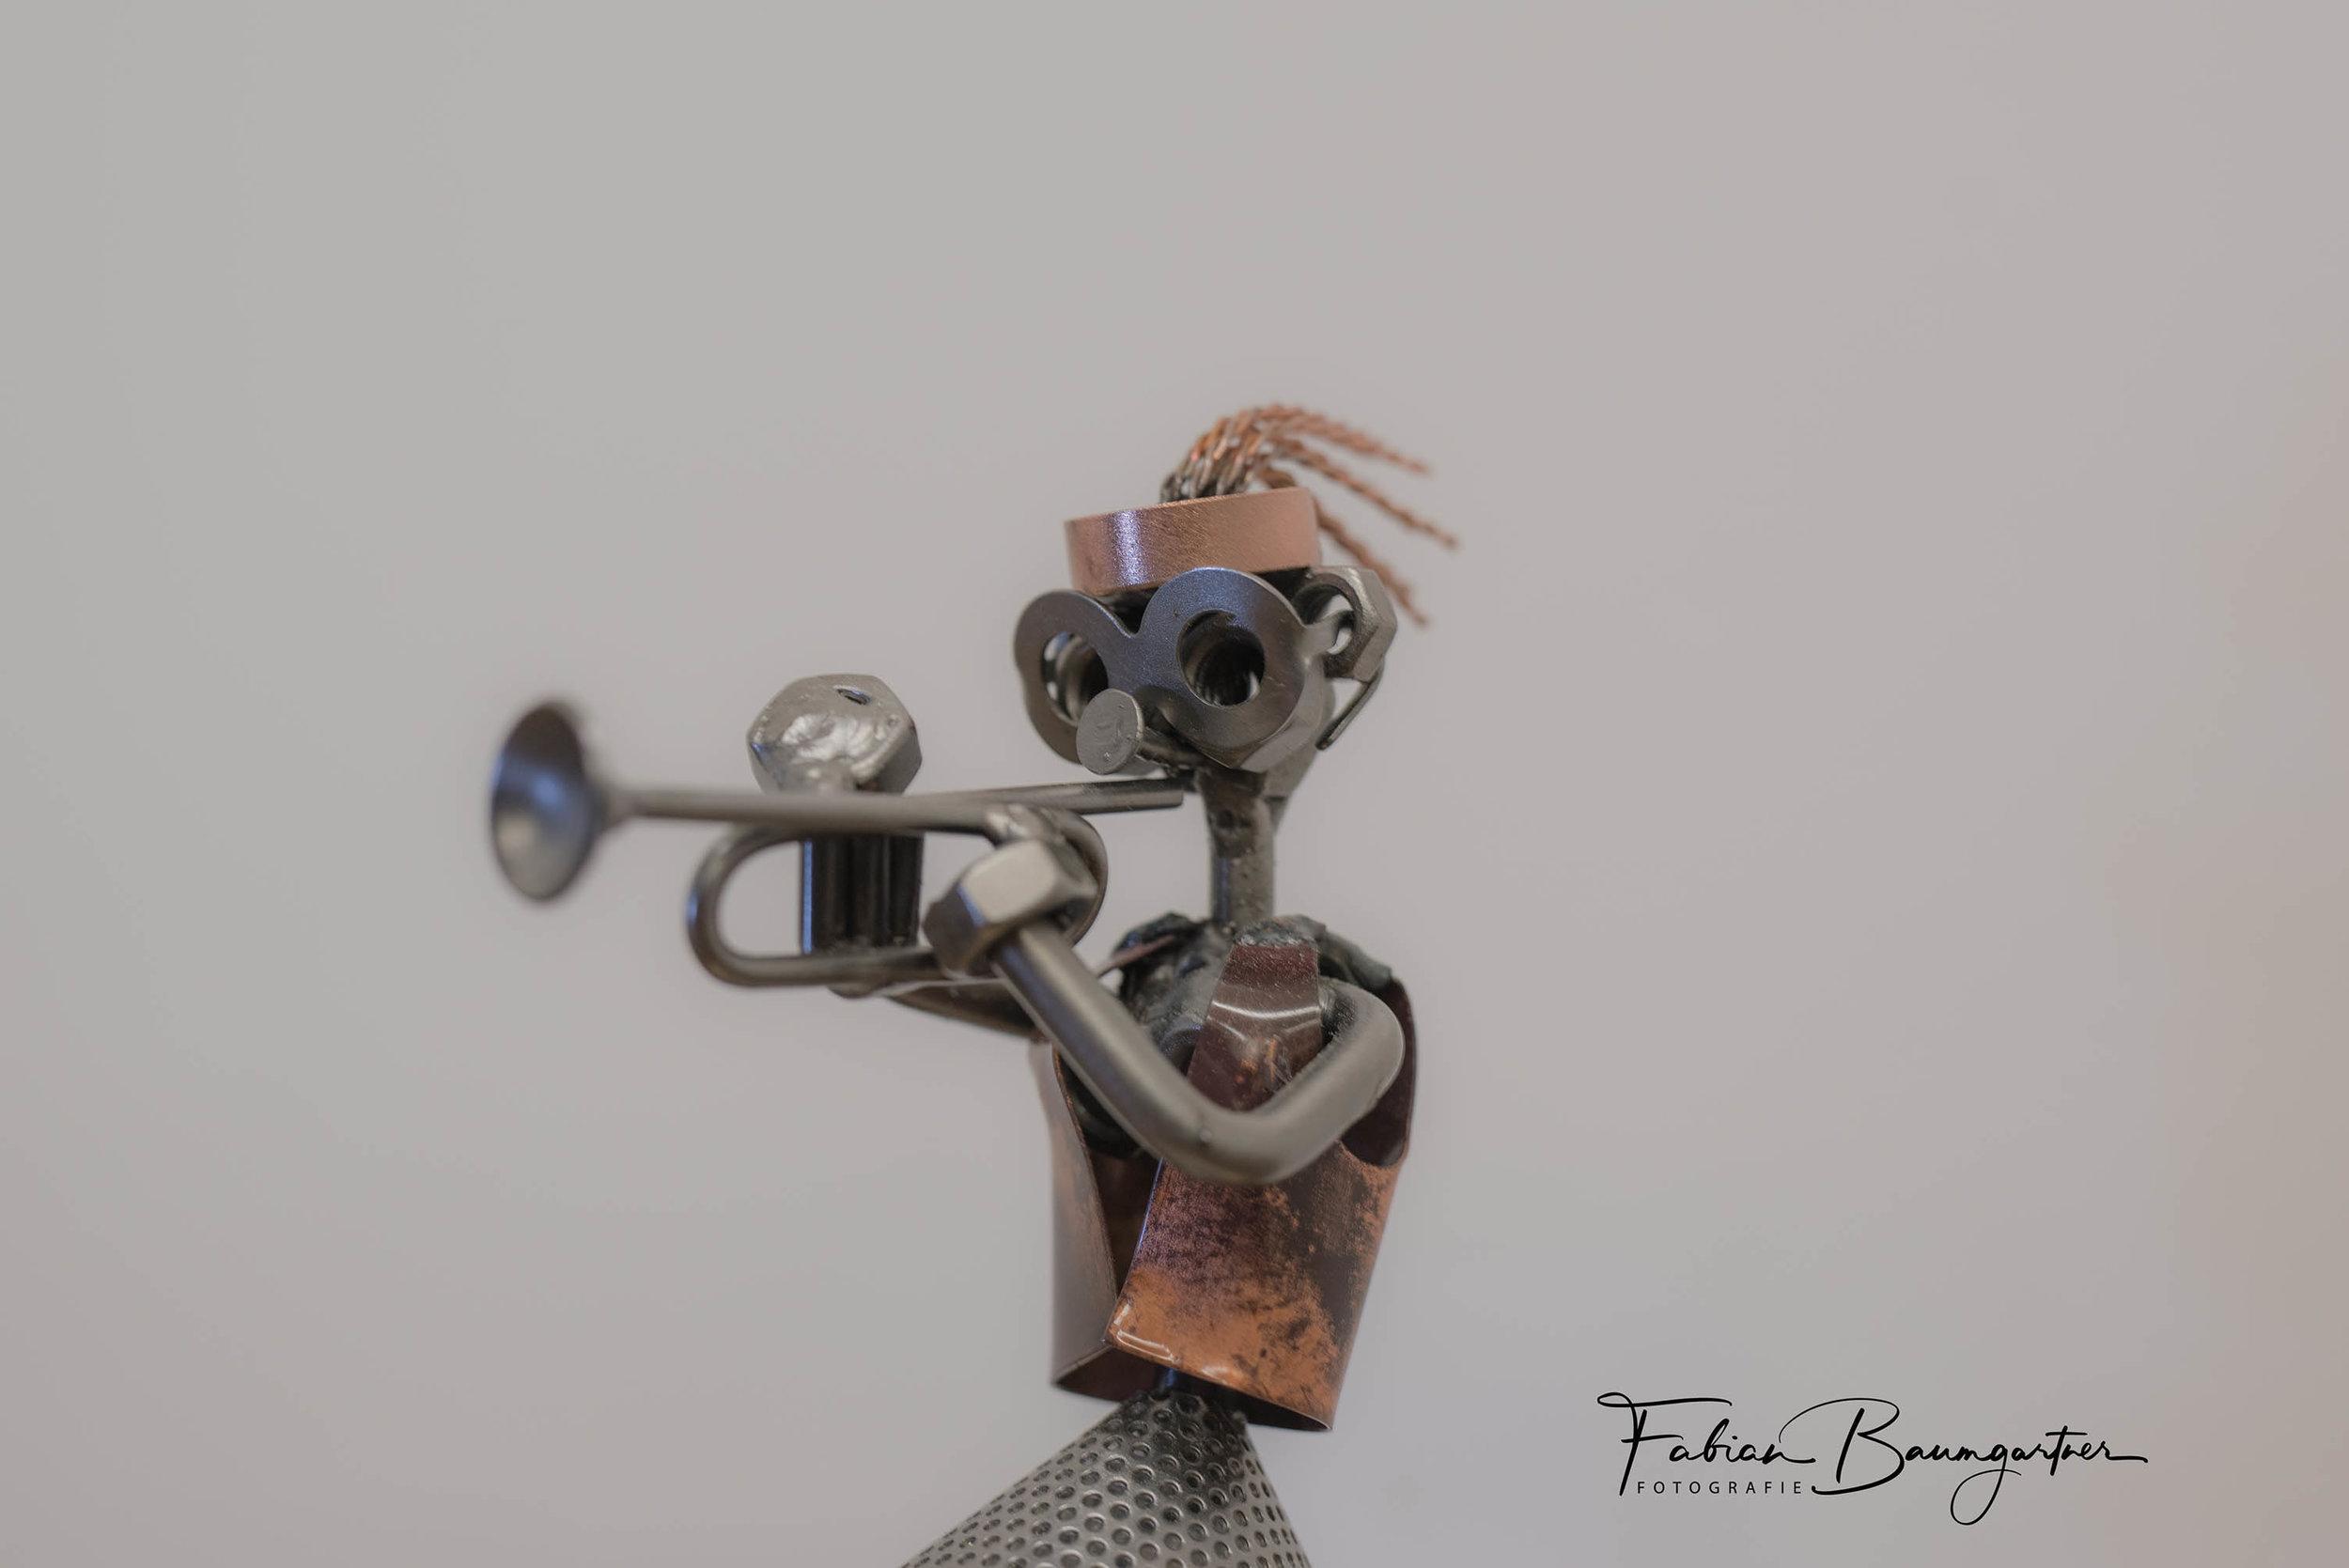 pokale-fbf-7.JPG